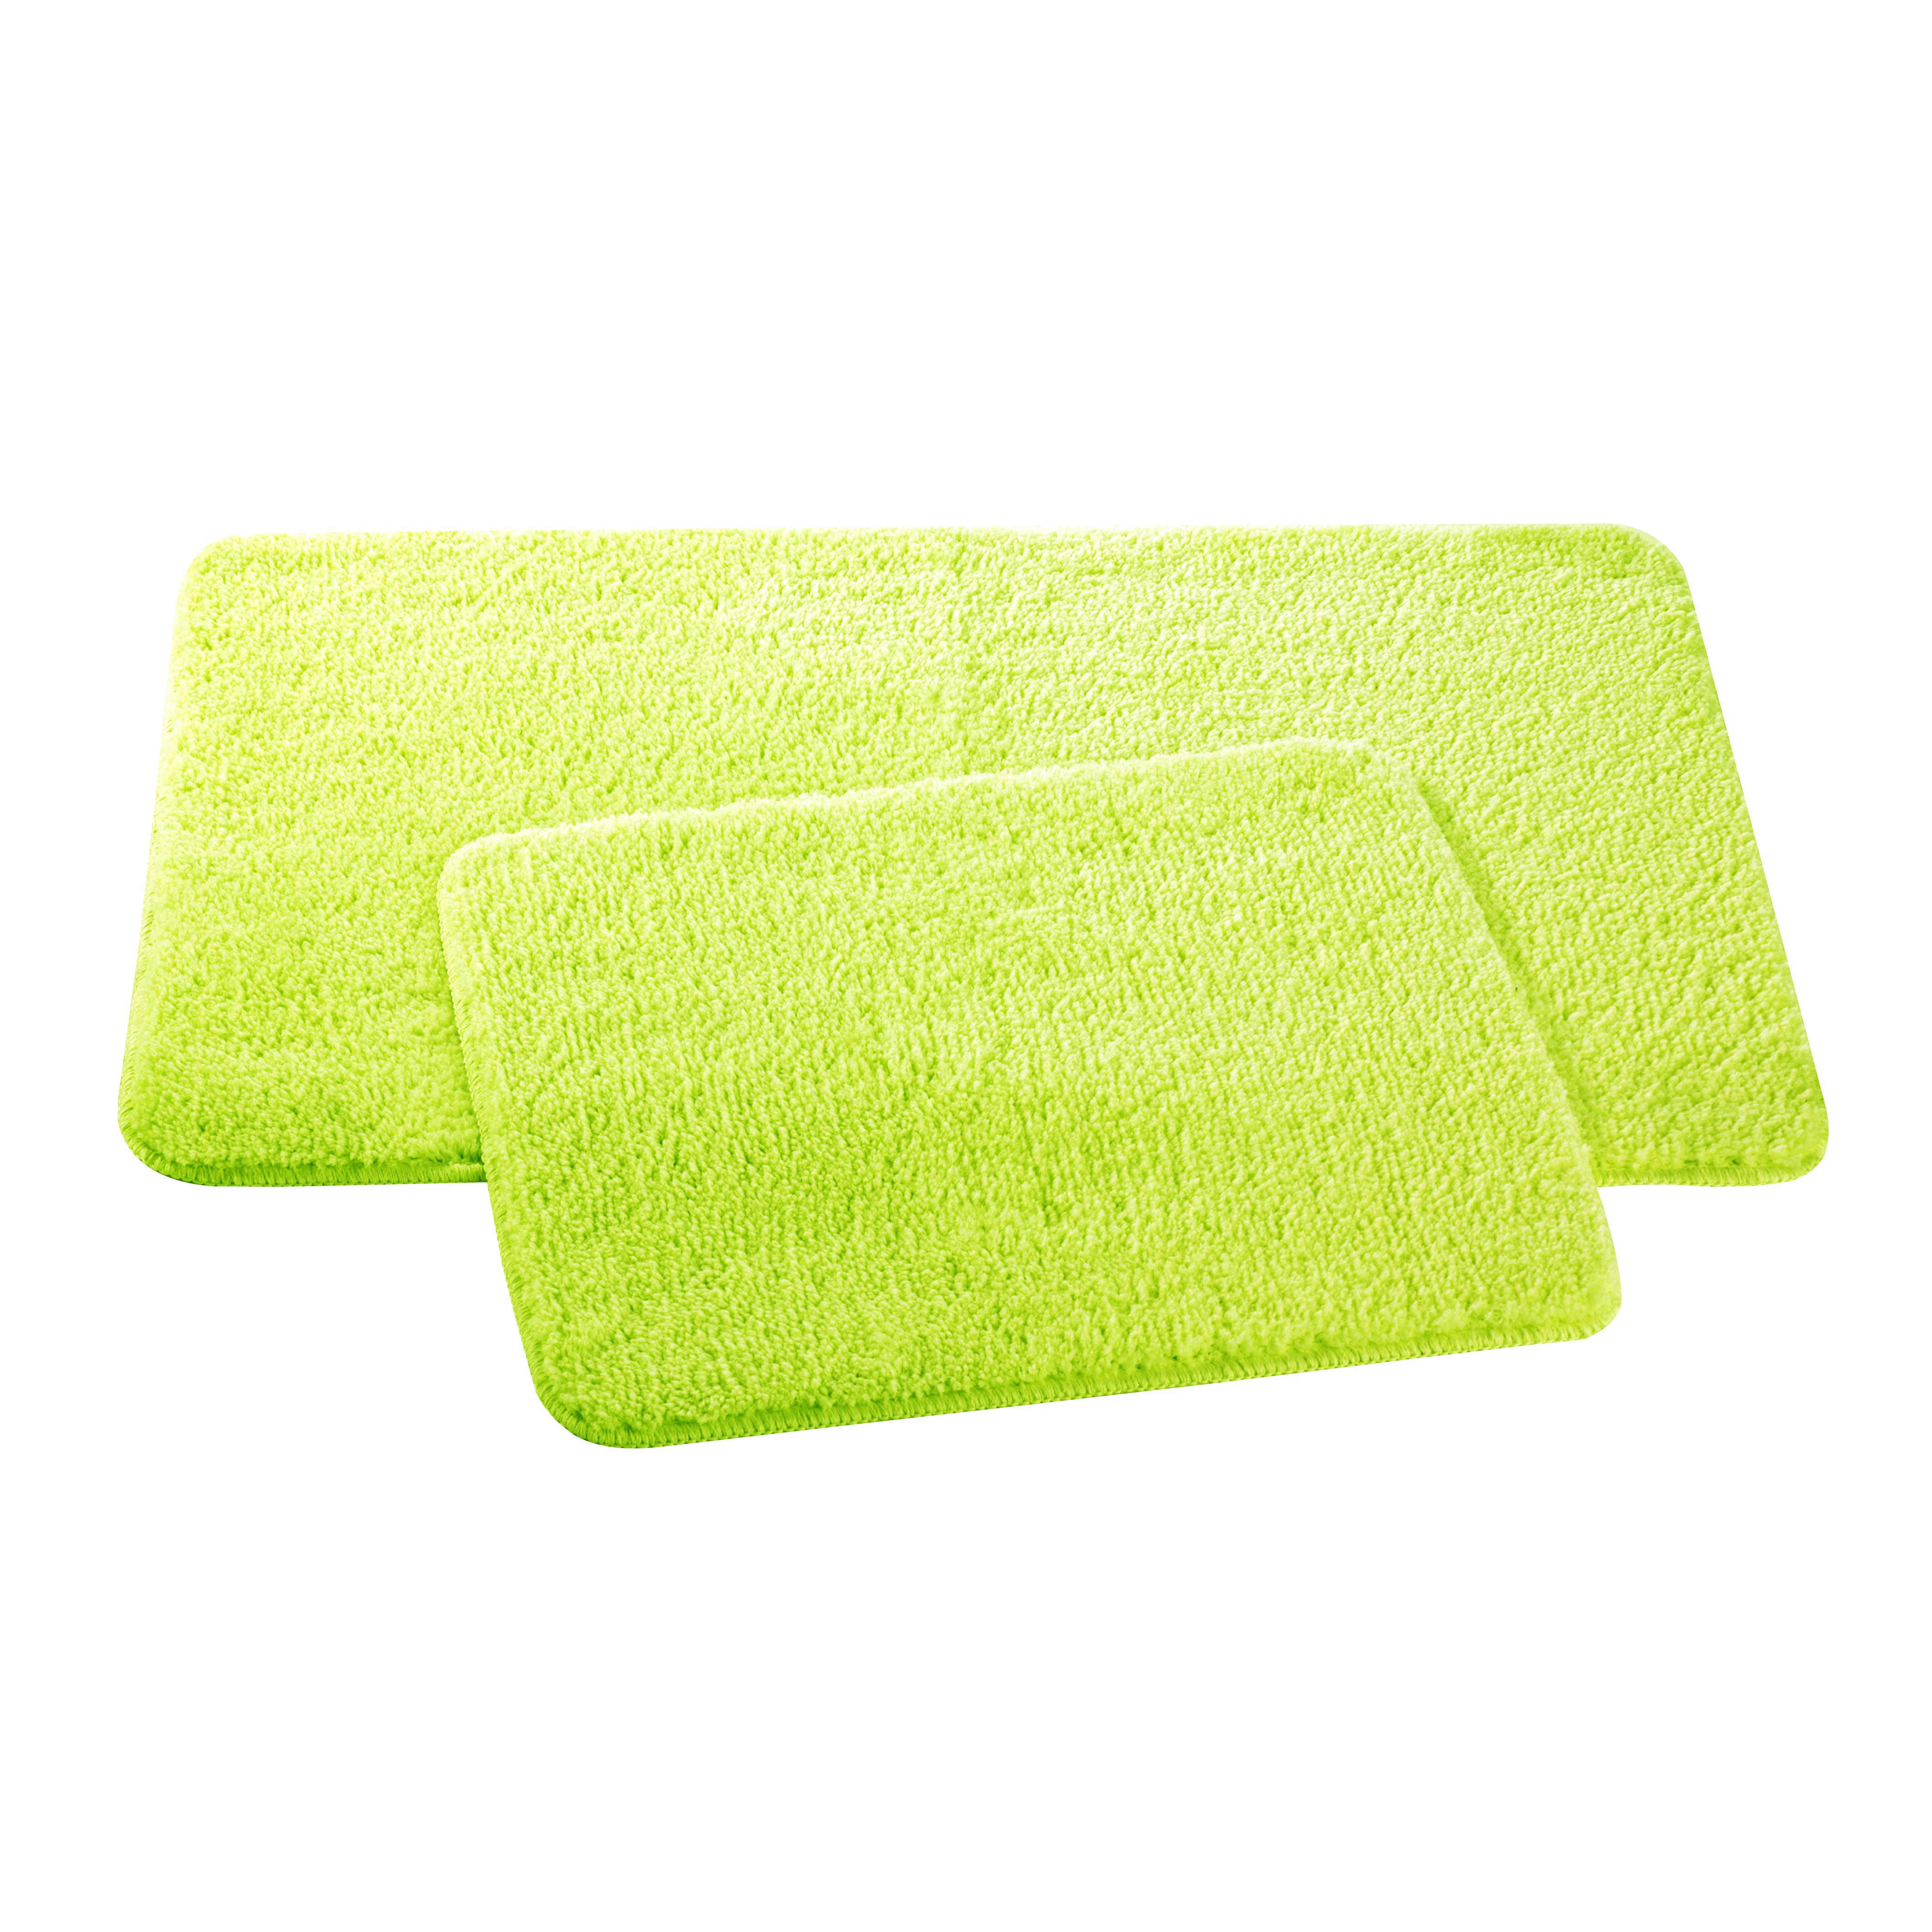 Набор ковриков для ванной и туалета Axentia, цвет: мятный, 2 шт116139Набор Axentia, выполненный из микрофибры (100% полиэстер), состоит из двух стеганых ковриков для ванной комнаты и туалета. Противоскользящее основание изготовлено из термопластичной резины и подходит для полов с подогревом. Коврики мягкие и приятные на ощупь, отлично впитывают влагу и быстро сохнут. Высокая износостойкость ковриков и стойкость цвета позволит вам наслаждаться покупкой долгие годы. Можно стирать в стиральной машине. Размер ковриков: 50 х 80 см; 50 х 40 см. Высота ворса 1,5 см.